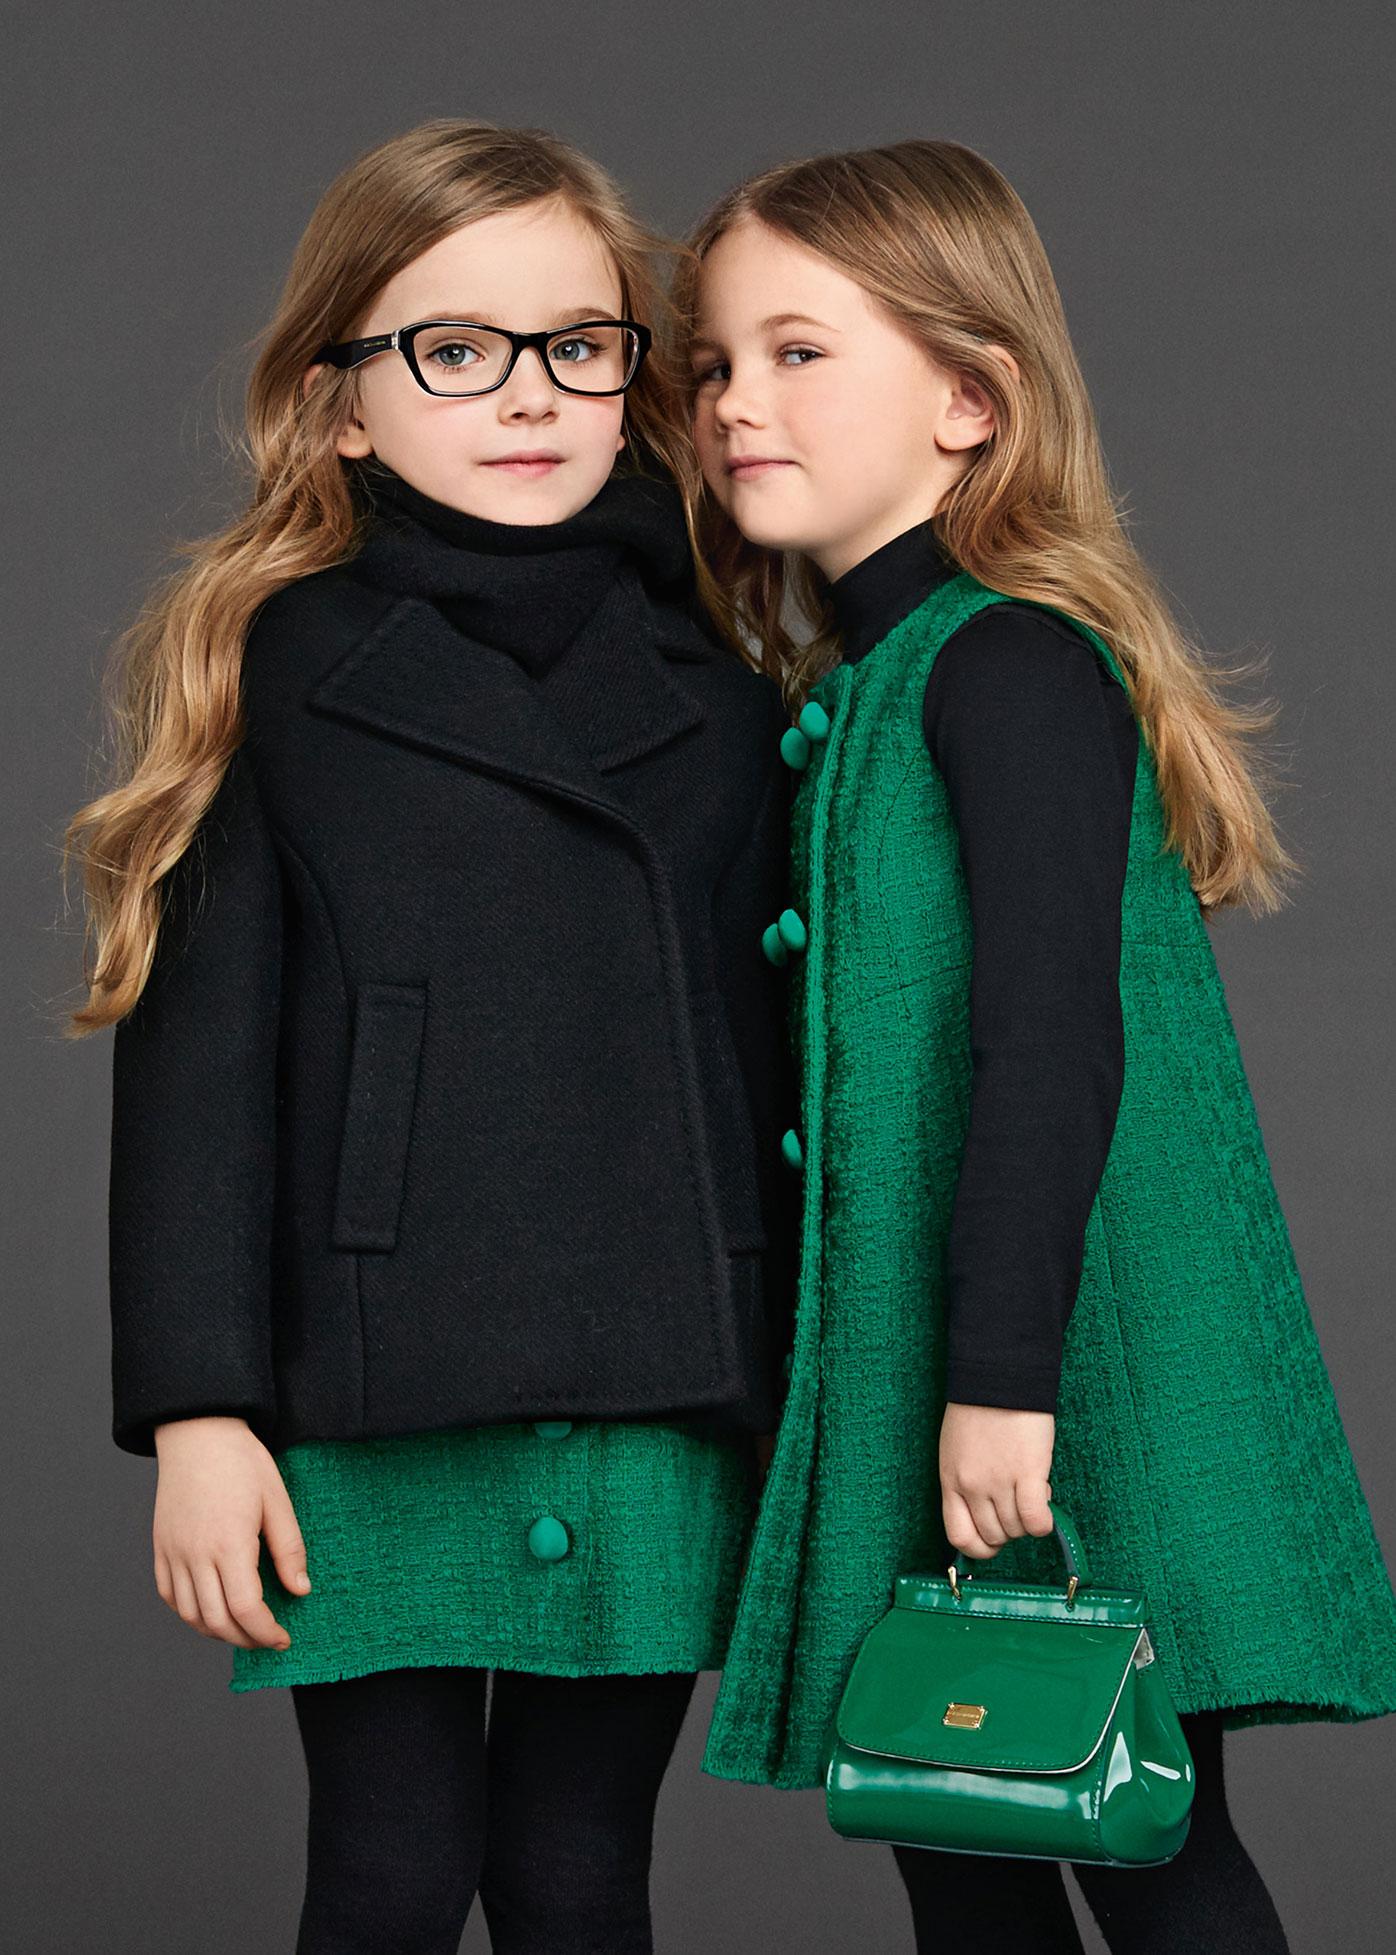 مدل لباس دختر بچه پاییز و زمستان